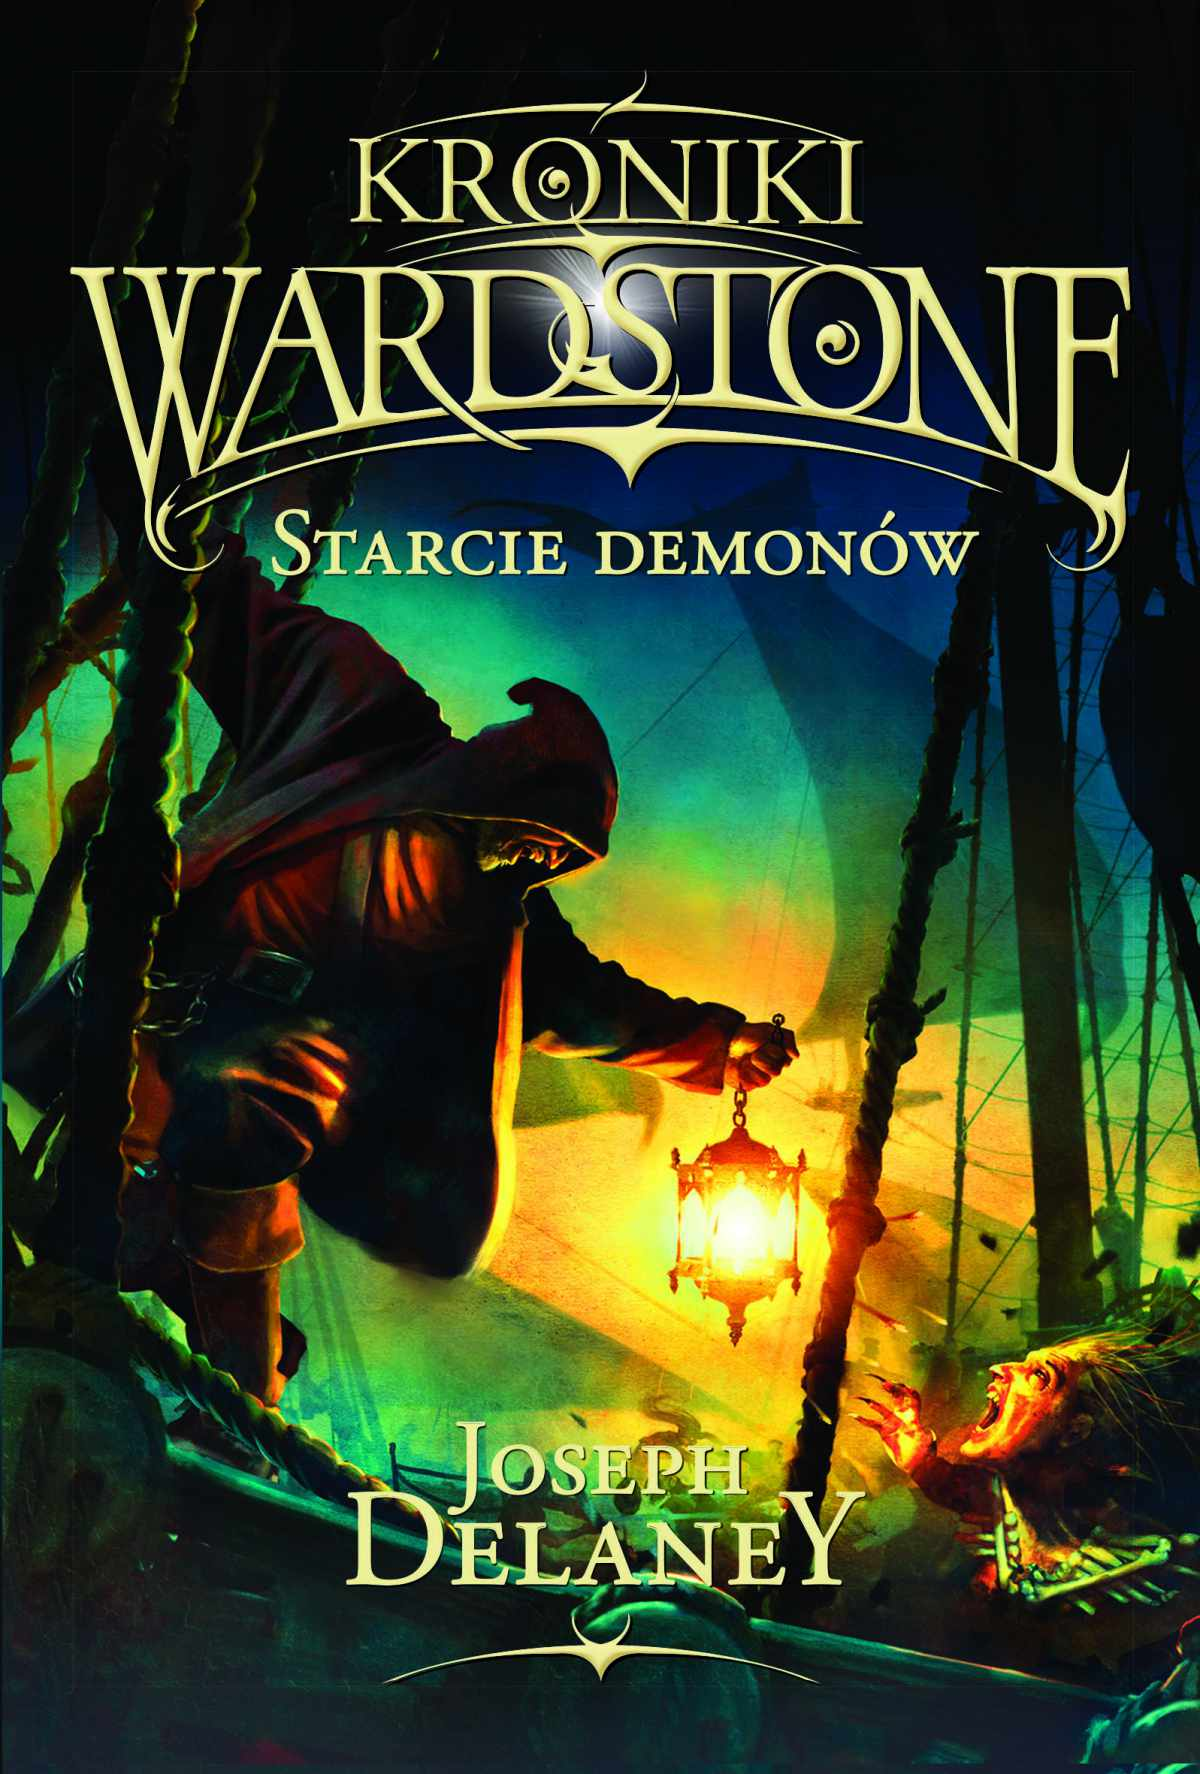 Kroniki Wardstone 6. Starcie demonów - Ebook (Książka na Kindle) do pobrania w formacie MOBI